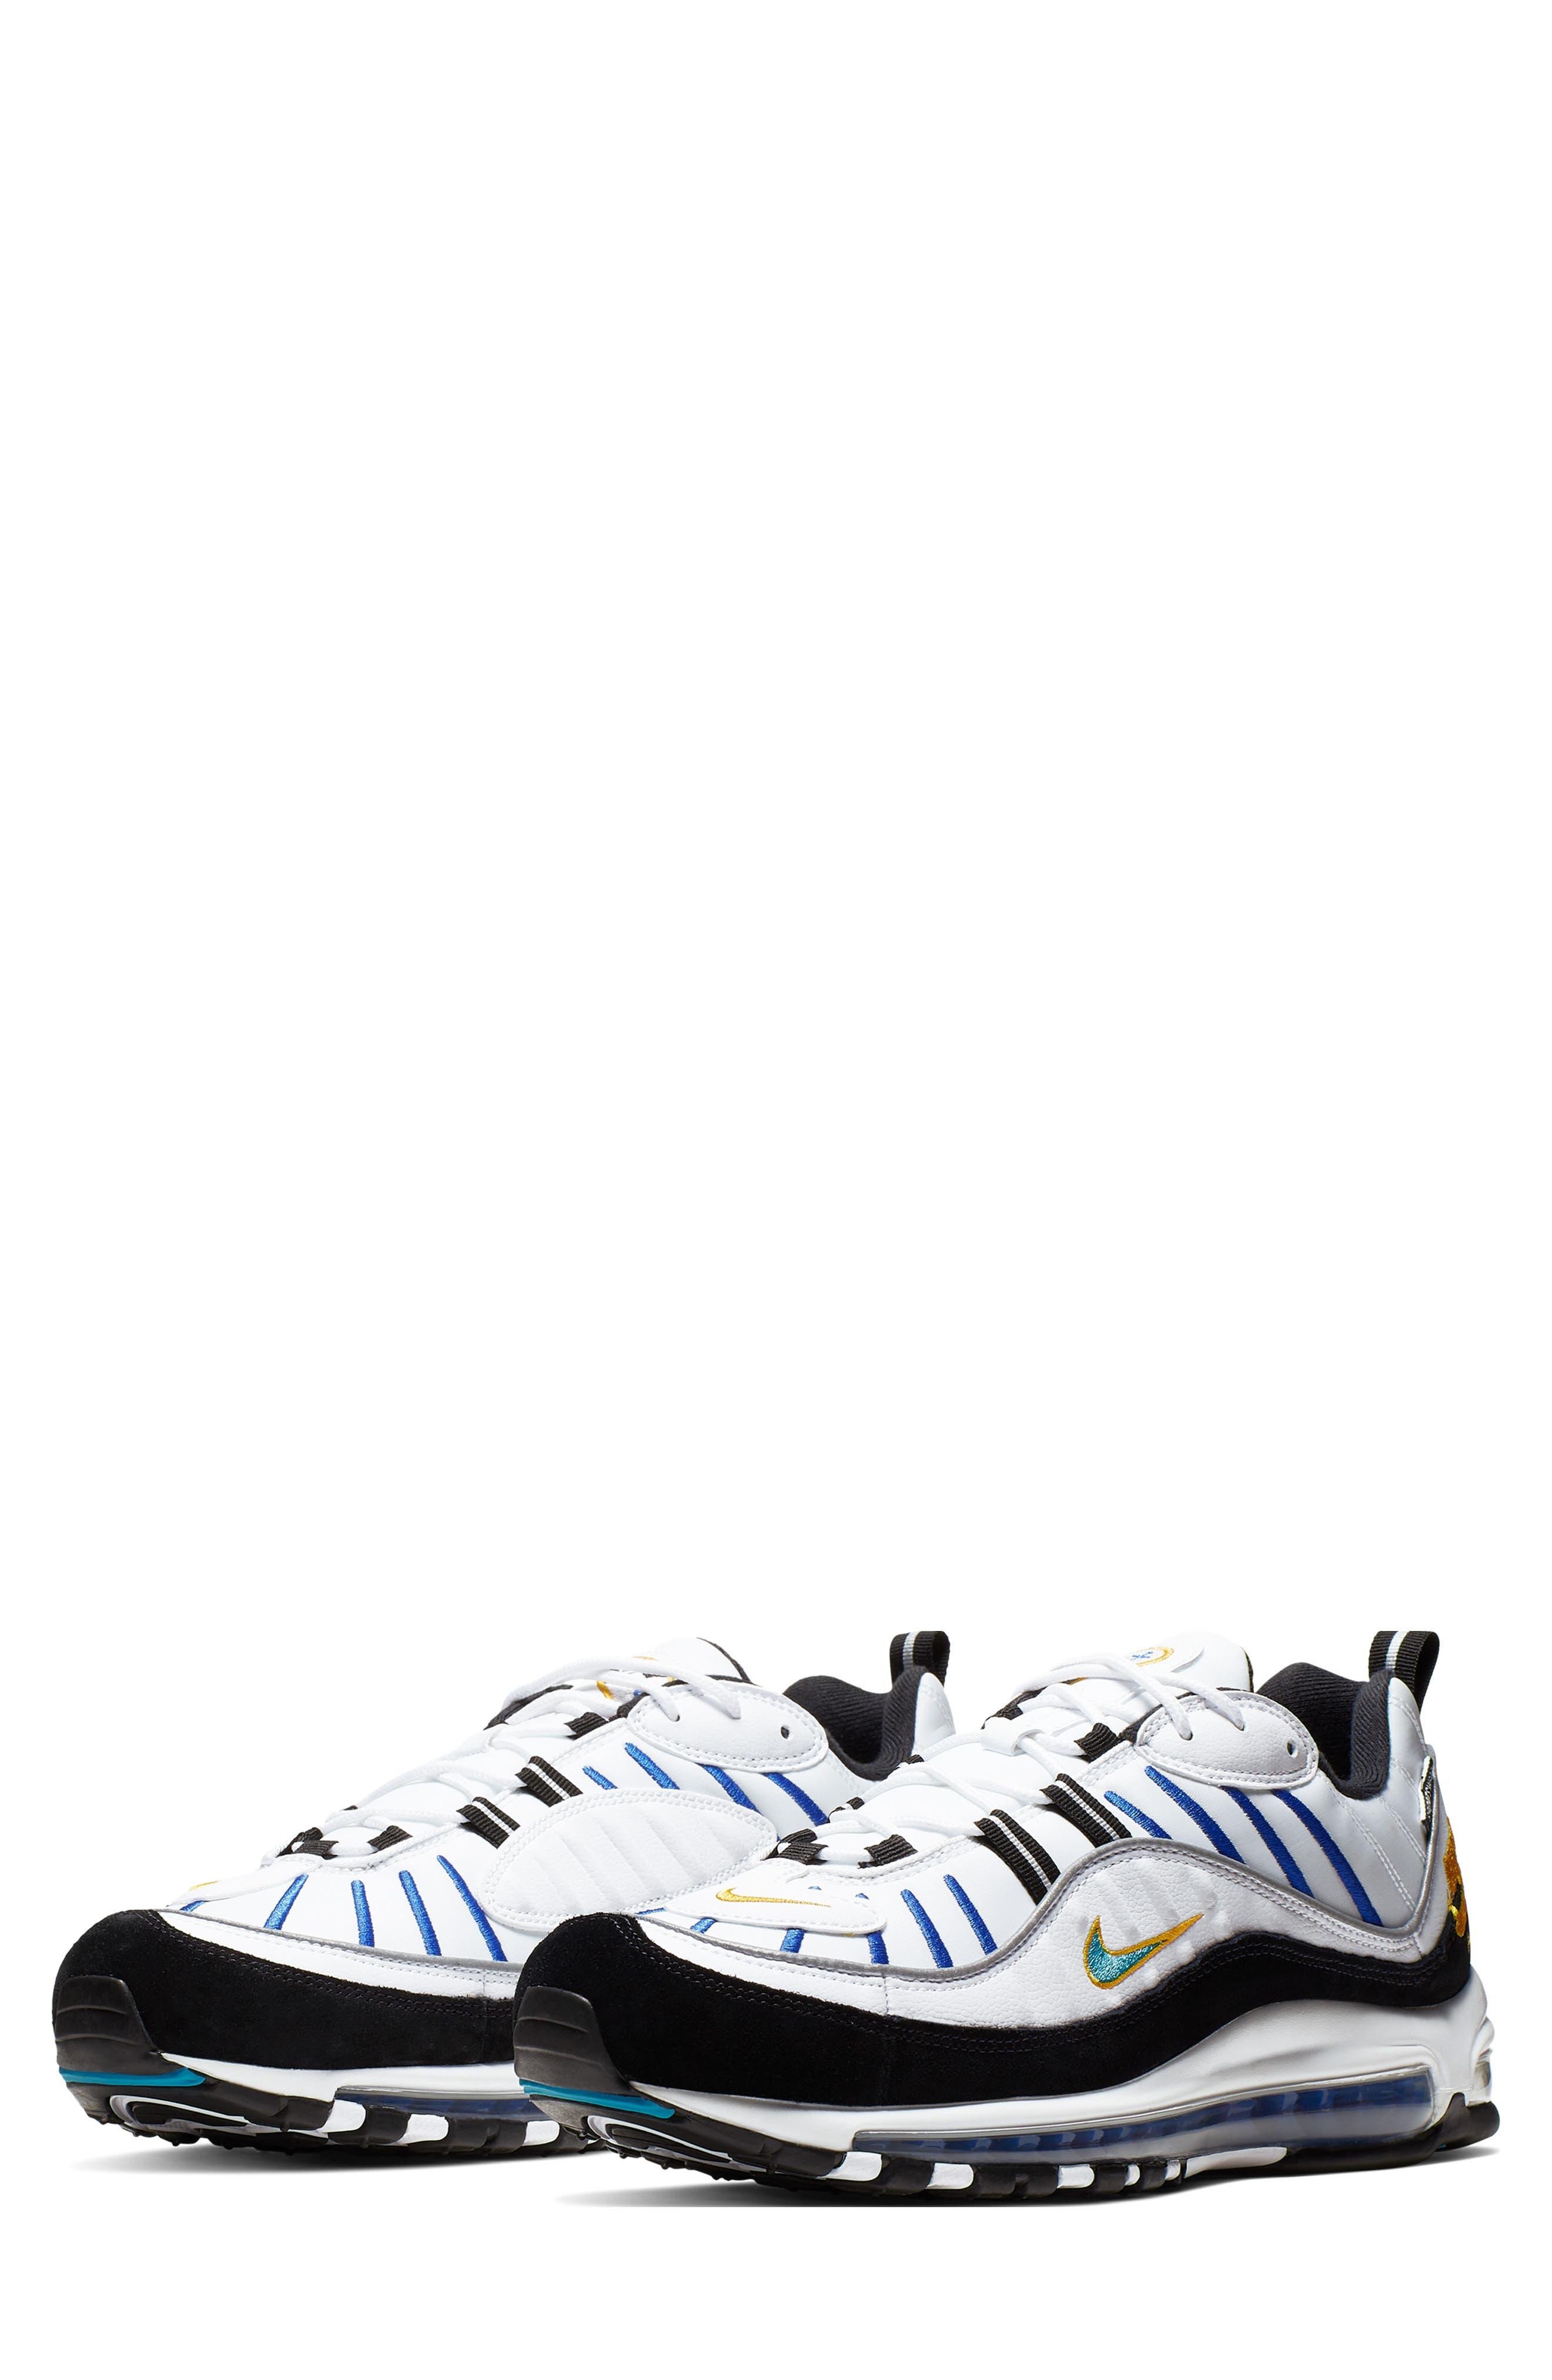 Nike Air Max 98 Premium Sneaker (Men